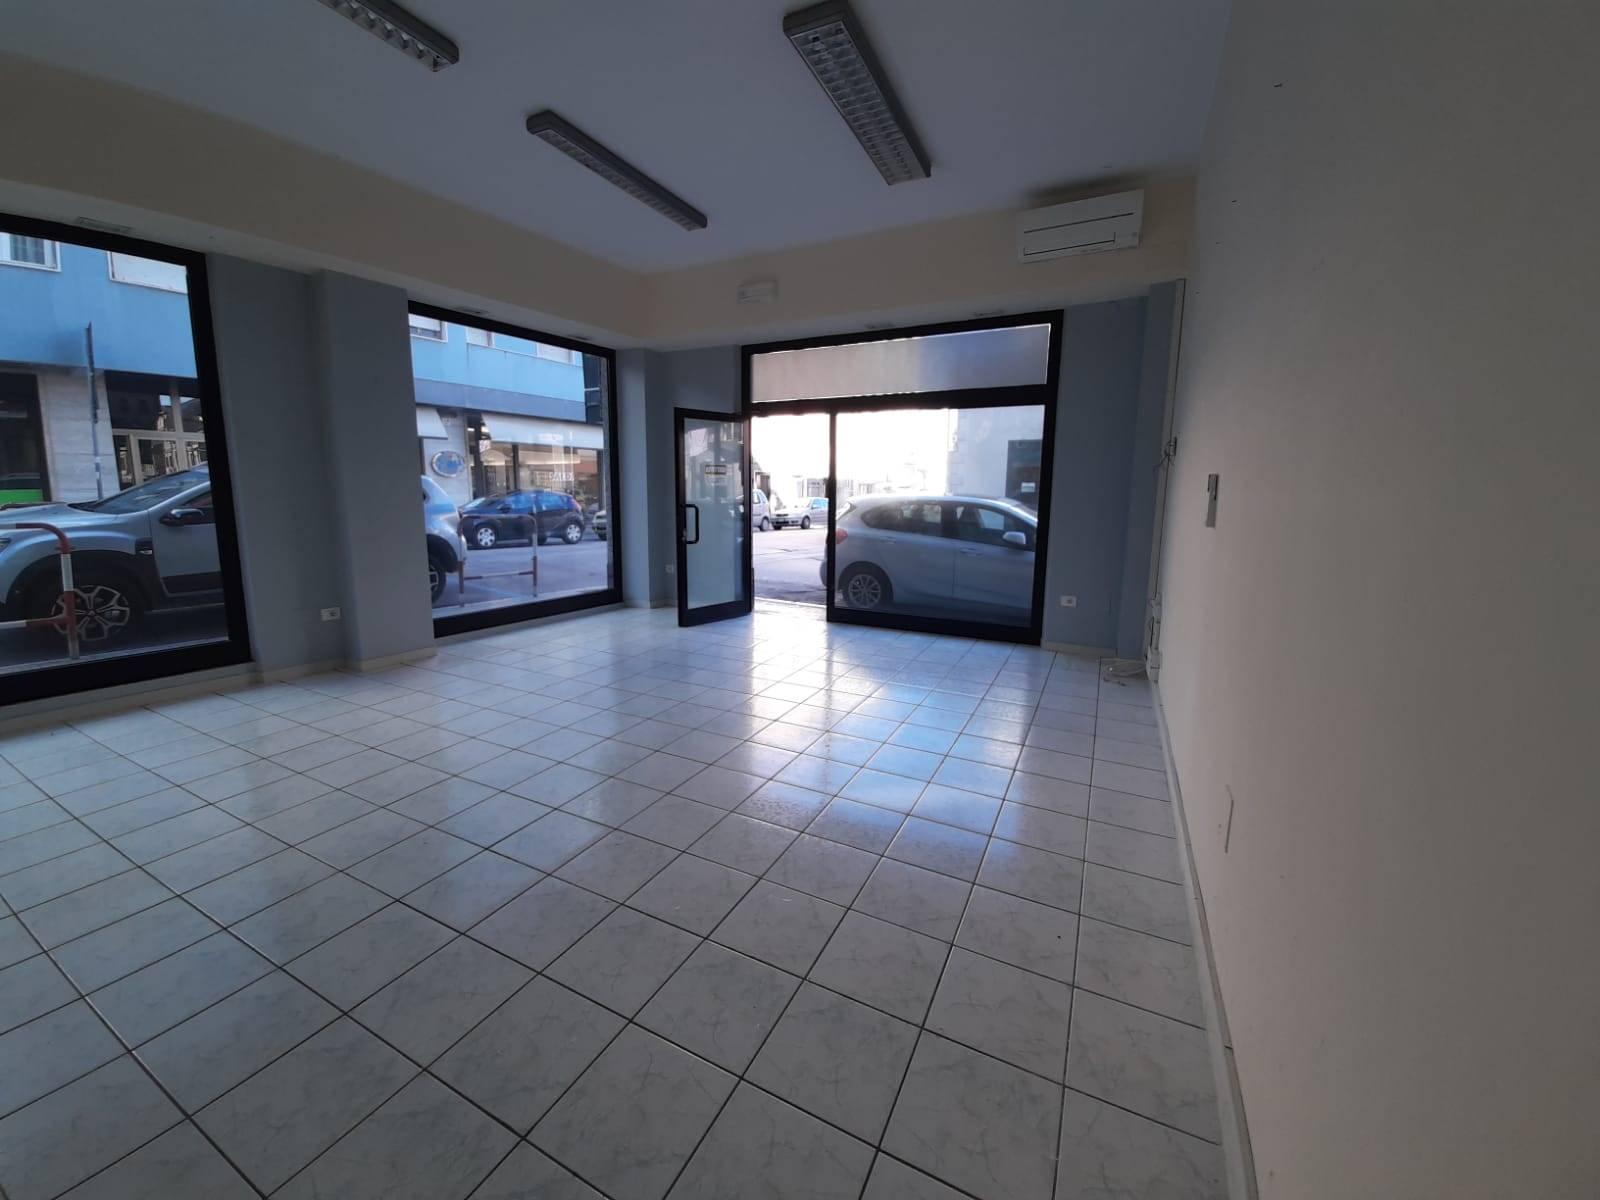 Immobile Commerciale in affitto a Falconara Marittima, 1 locali, zona Zona: Centro, prezzo € 540   CambioCasa.it